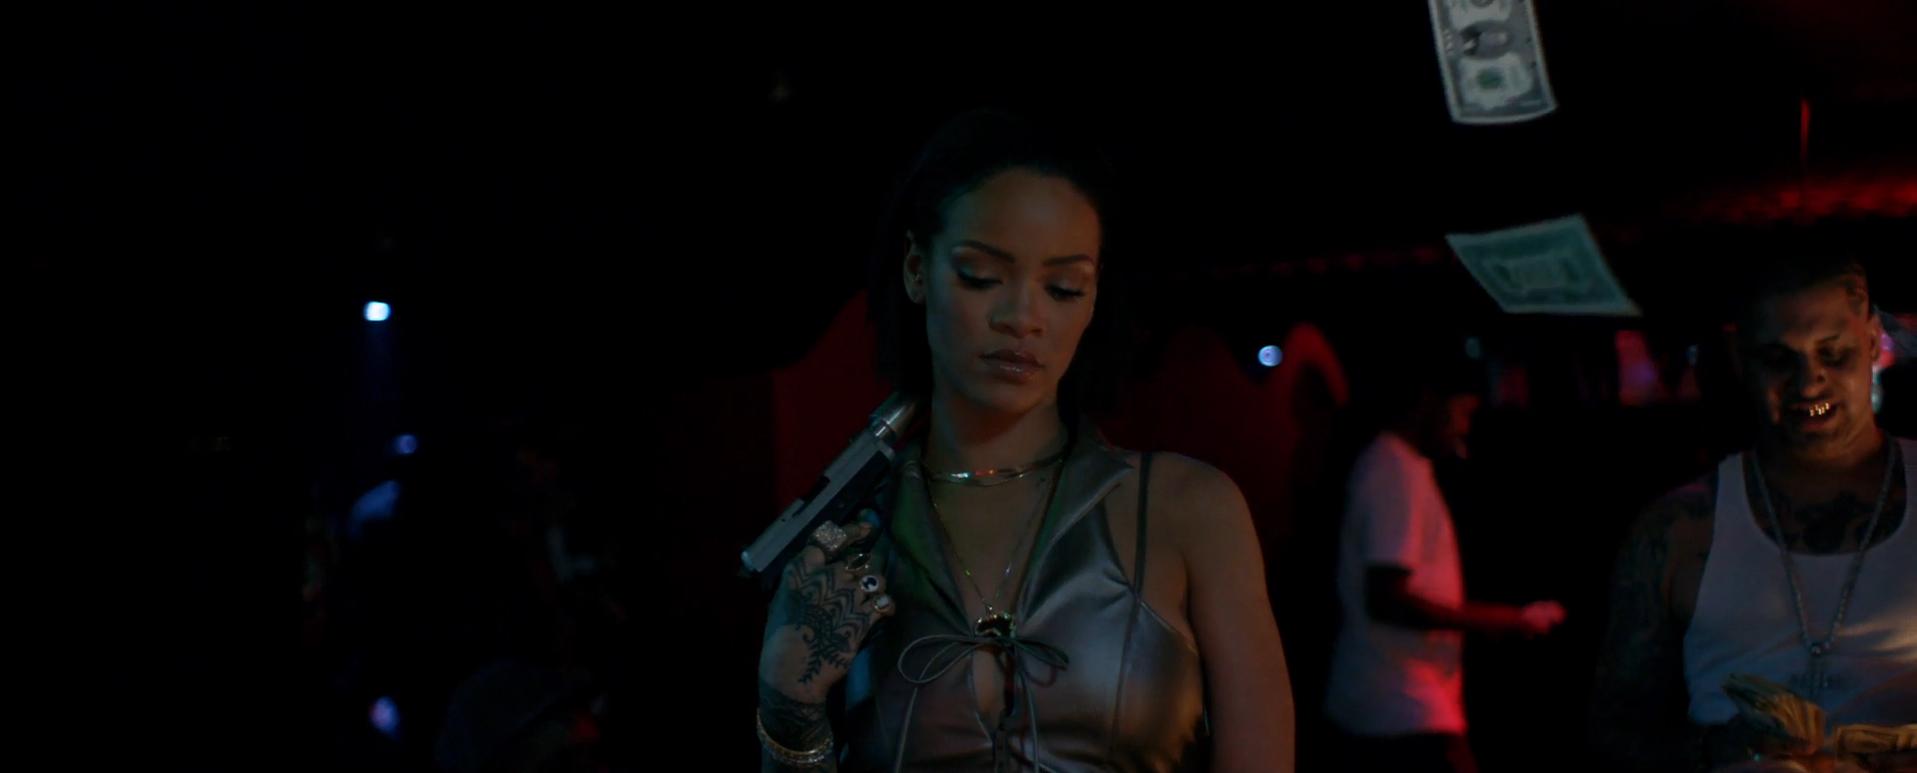 """Nichts für schwache Nerven: Rihanna im """"Needed Me'-Video"""